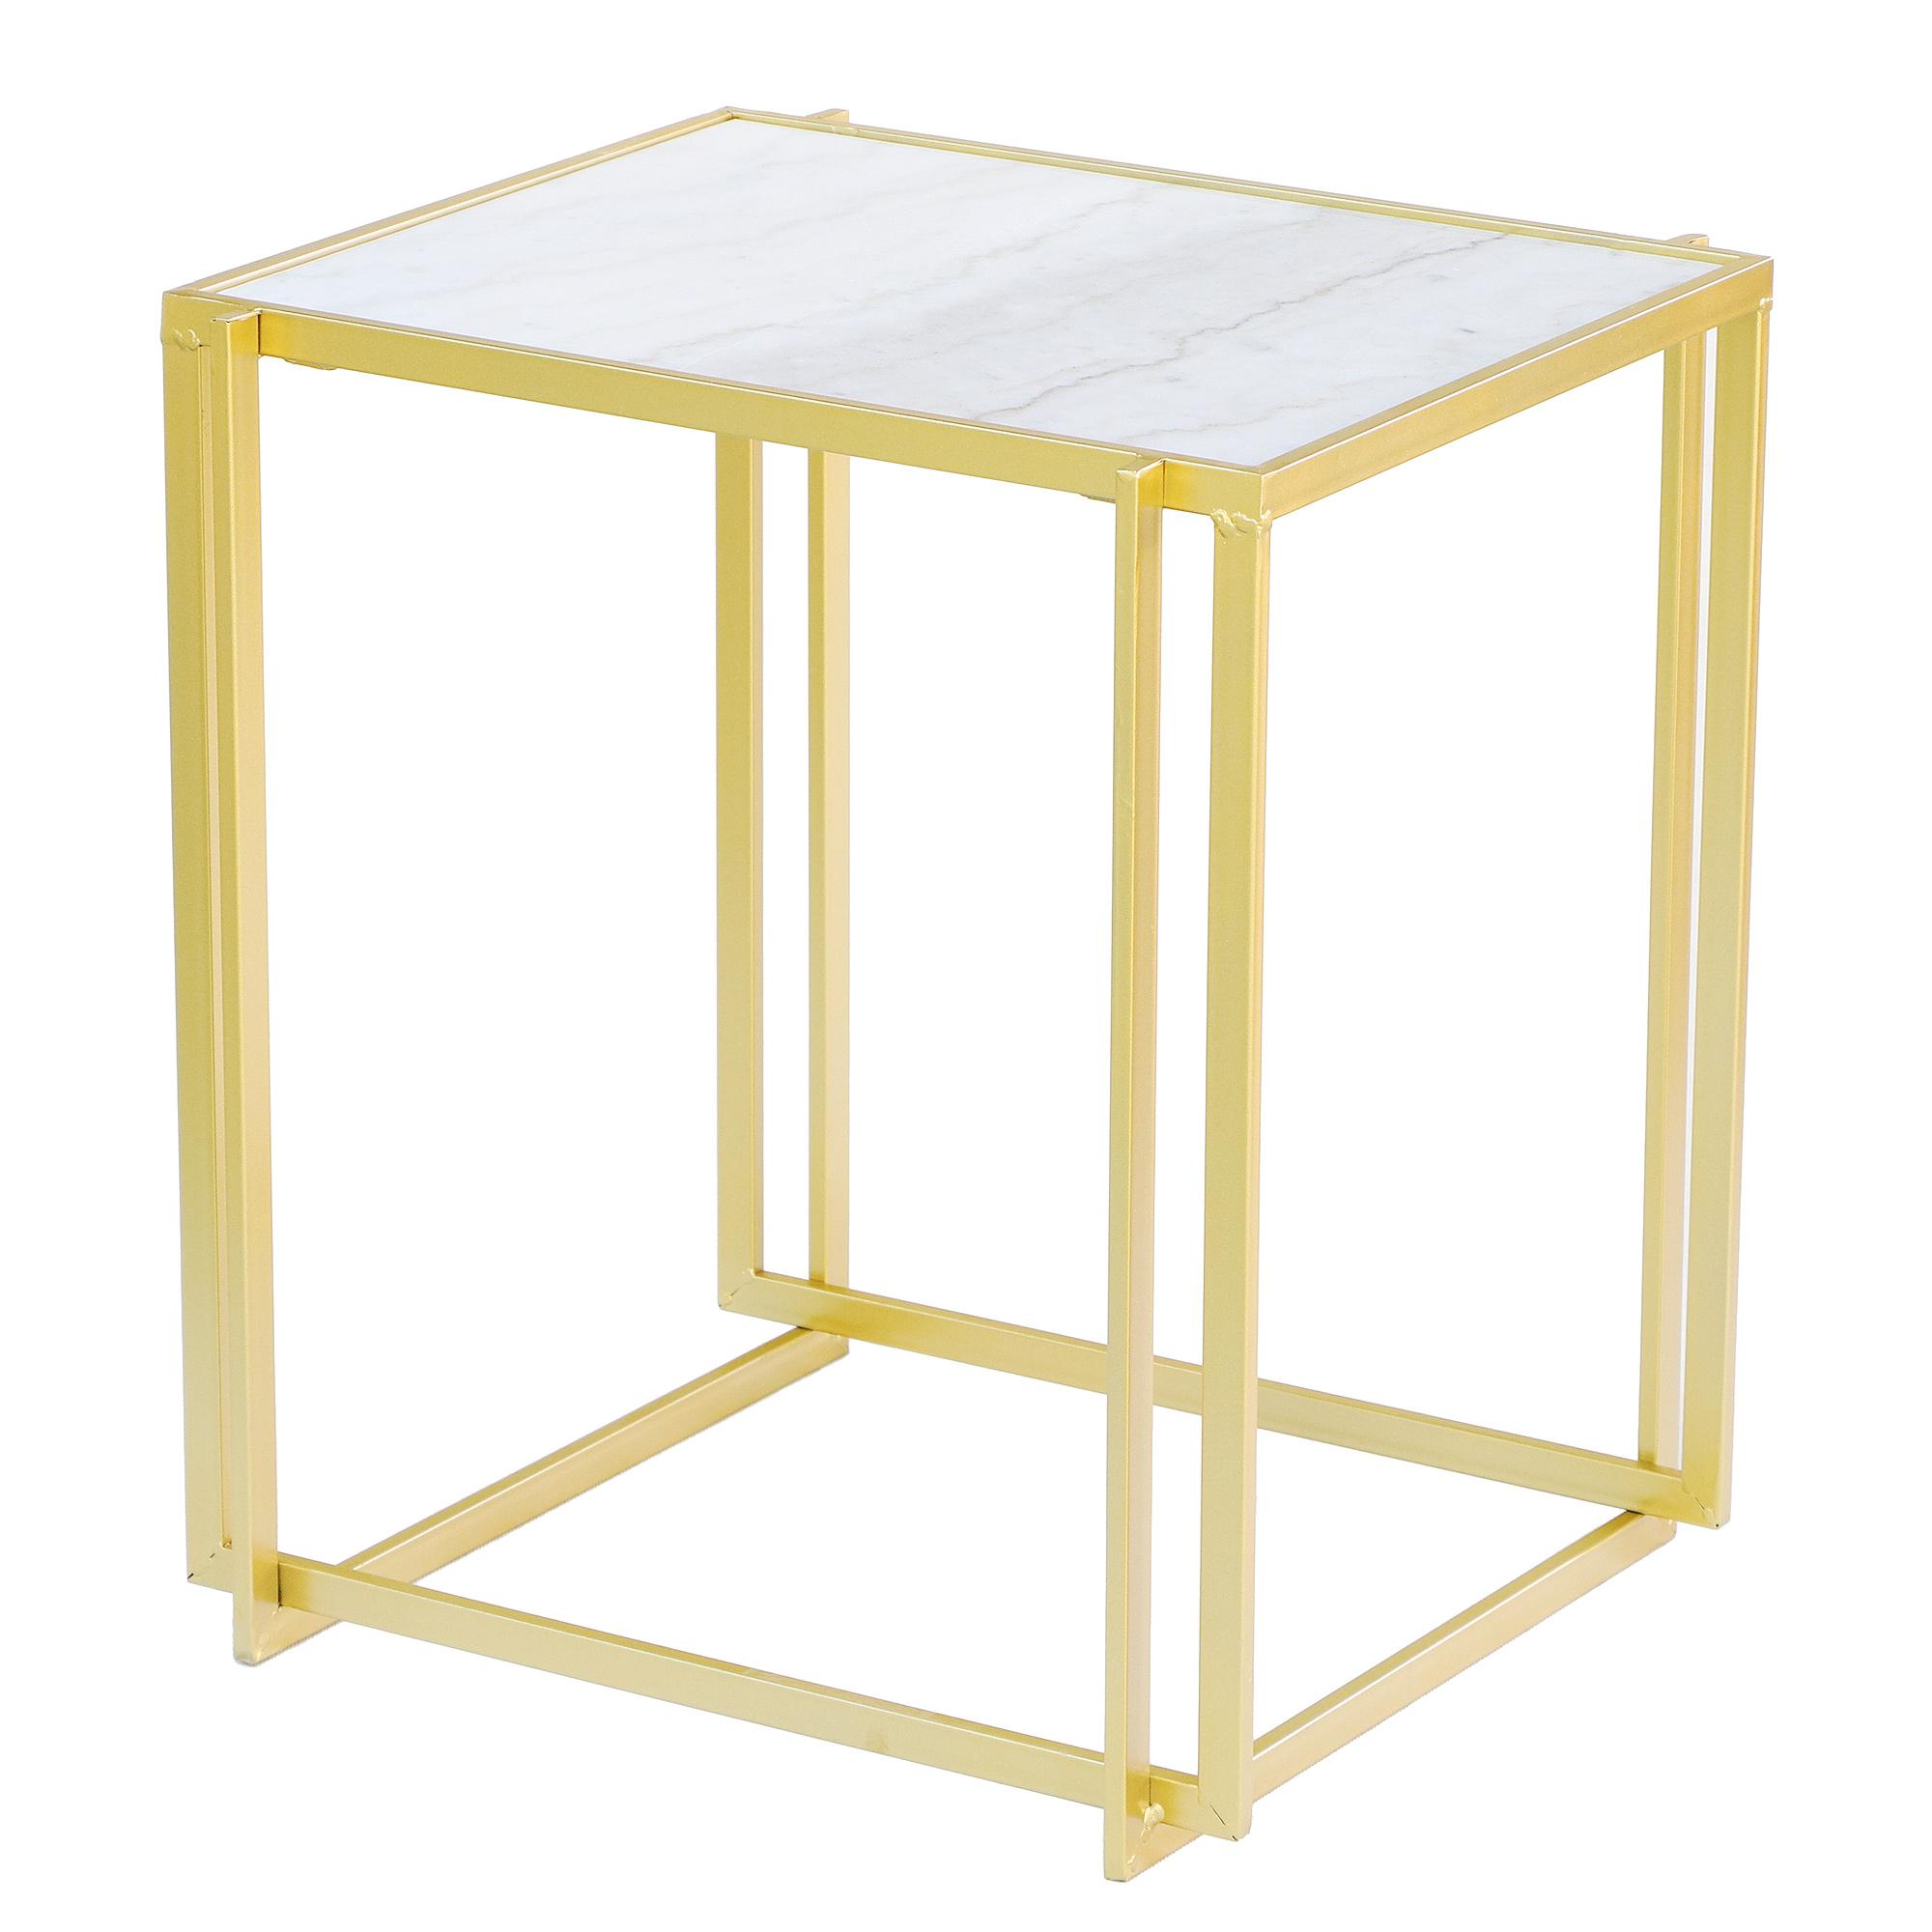 Фото - Столик приставной Glasar 51х45х57 см столик приставной glasar серебристого цвета с золотыми птичками на ветке 43x43x71 см